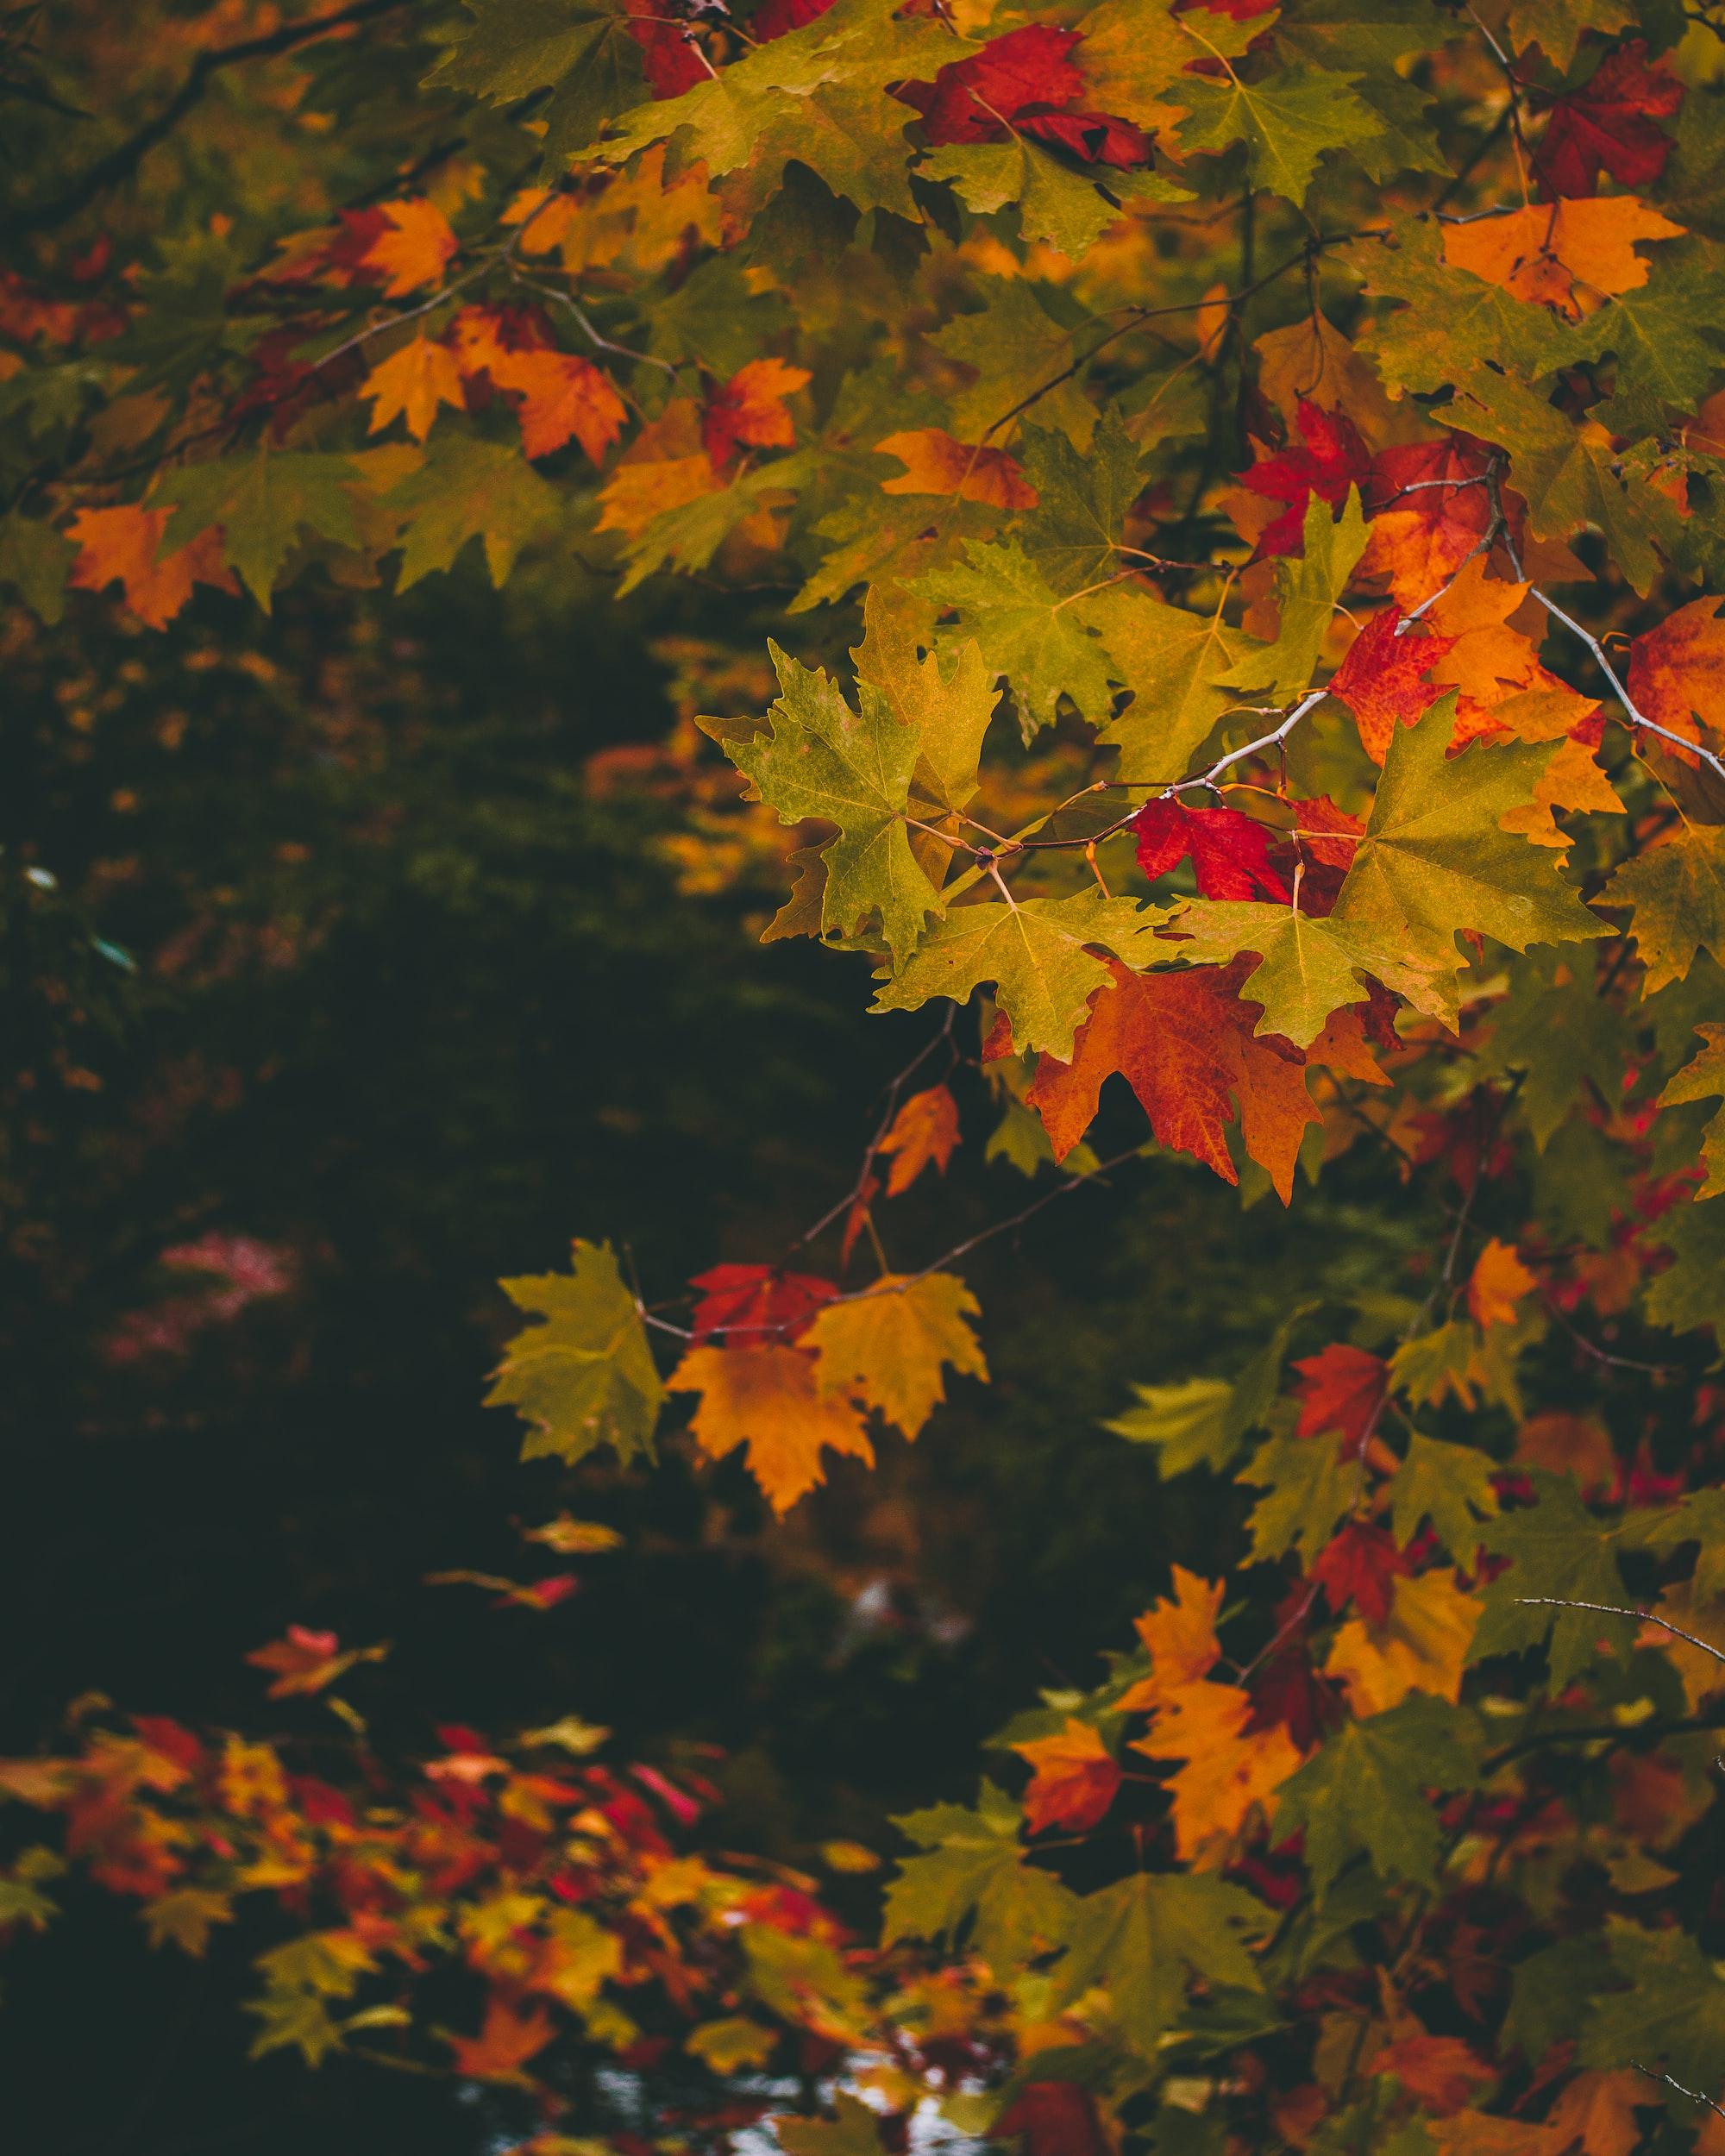 Mindre klorofyll gör löven gula och röda